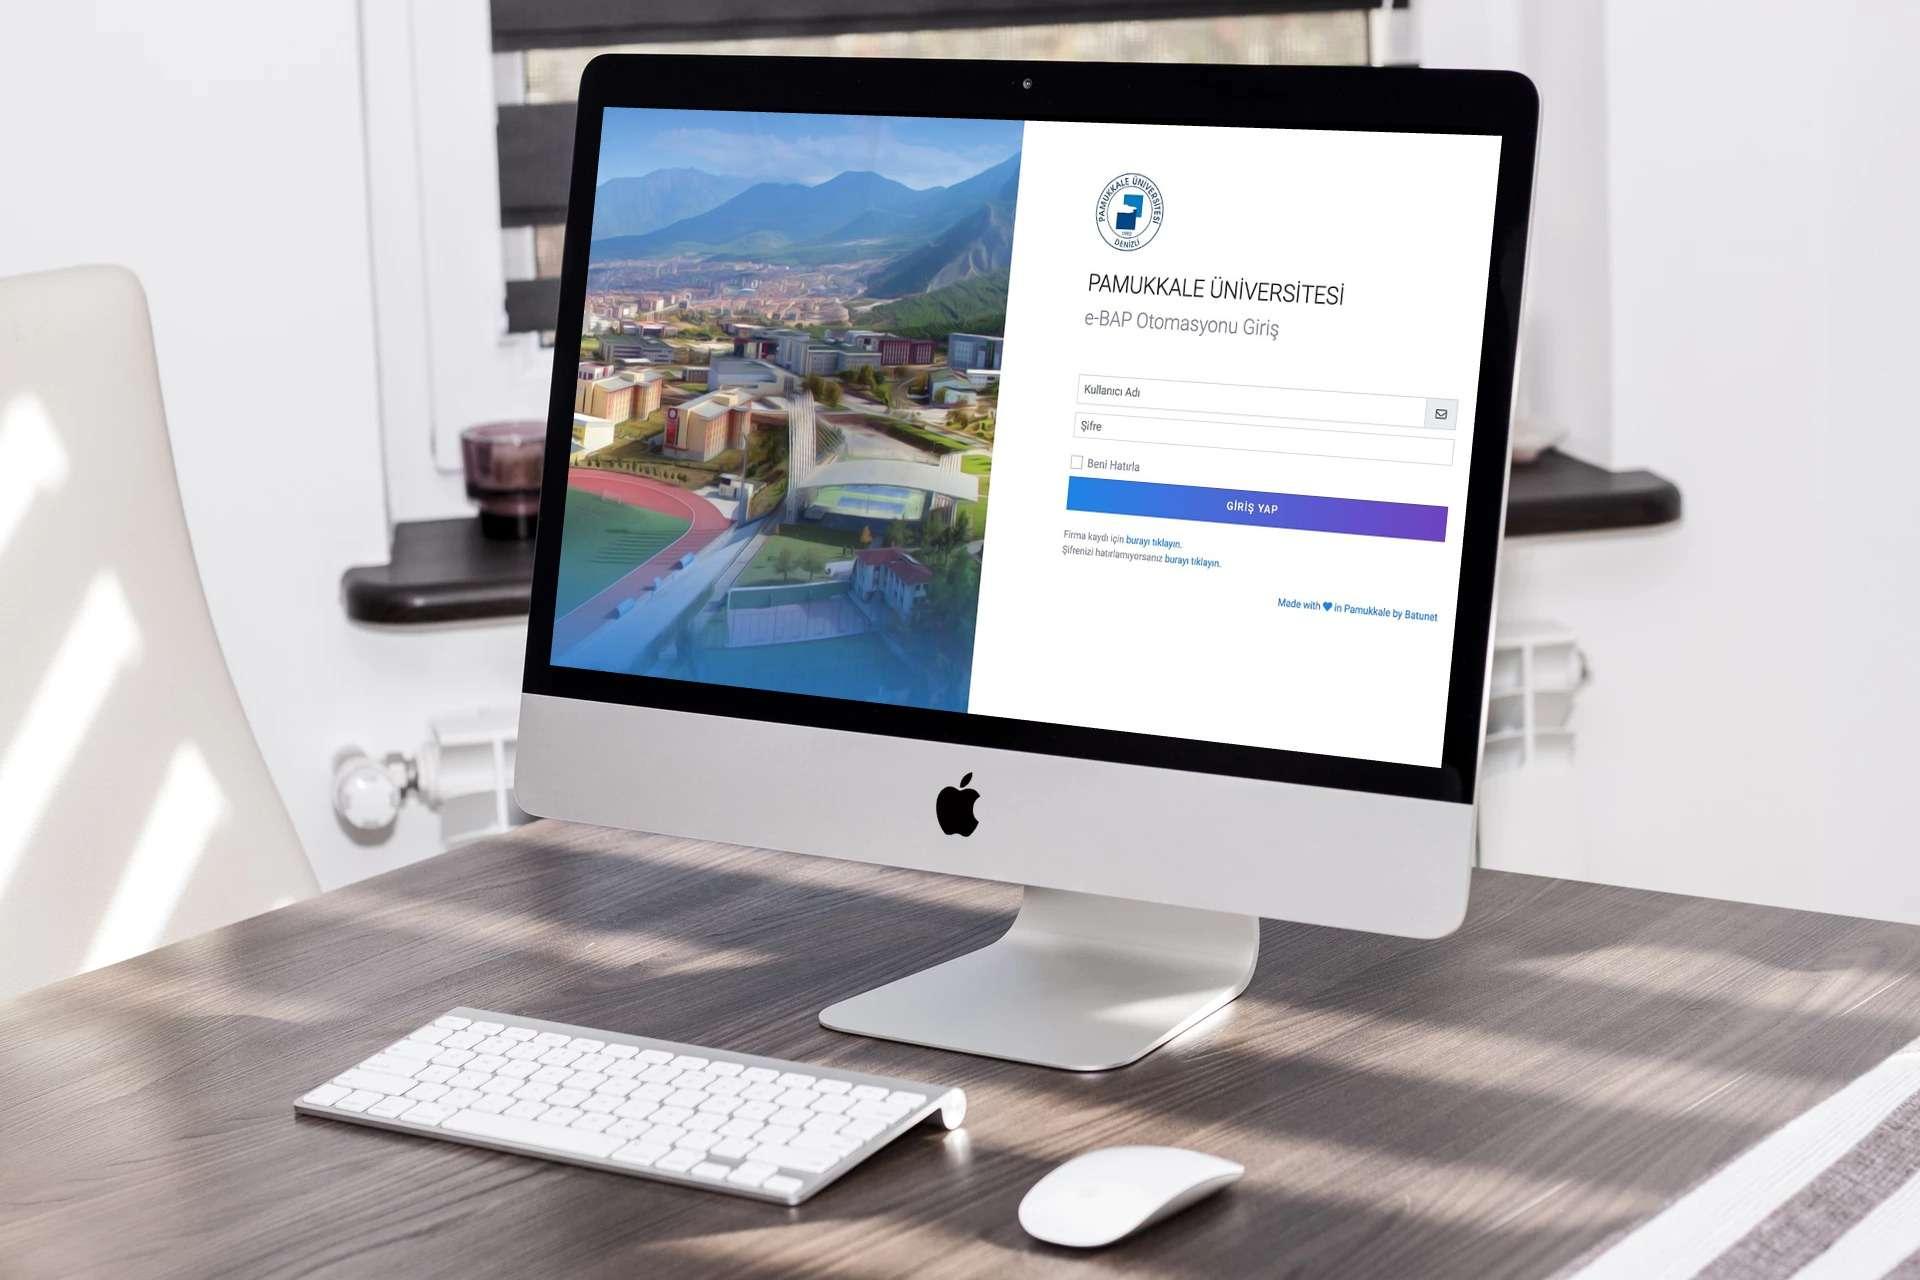 PAU e-BAP - Bilimsel Araştırma Projeleri Koordinasyon Birimi Otomasyonu